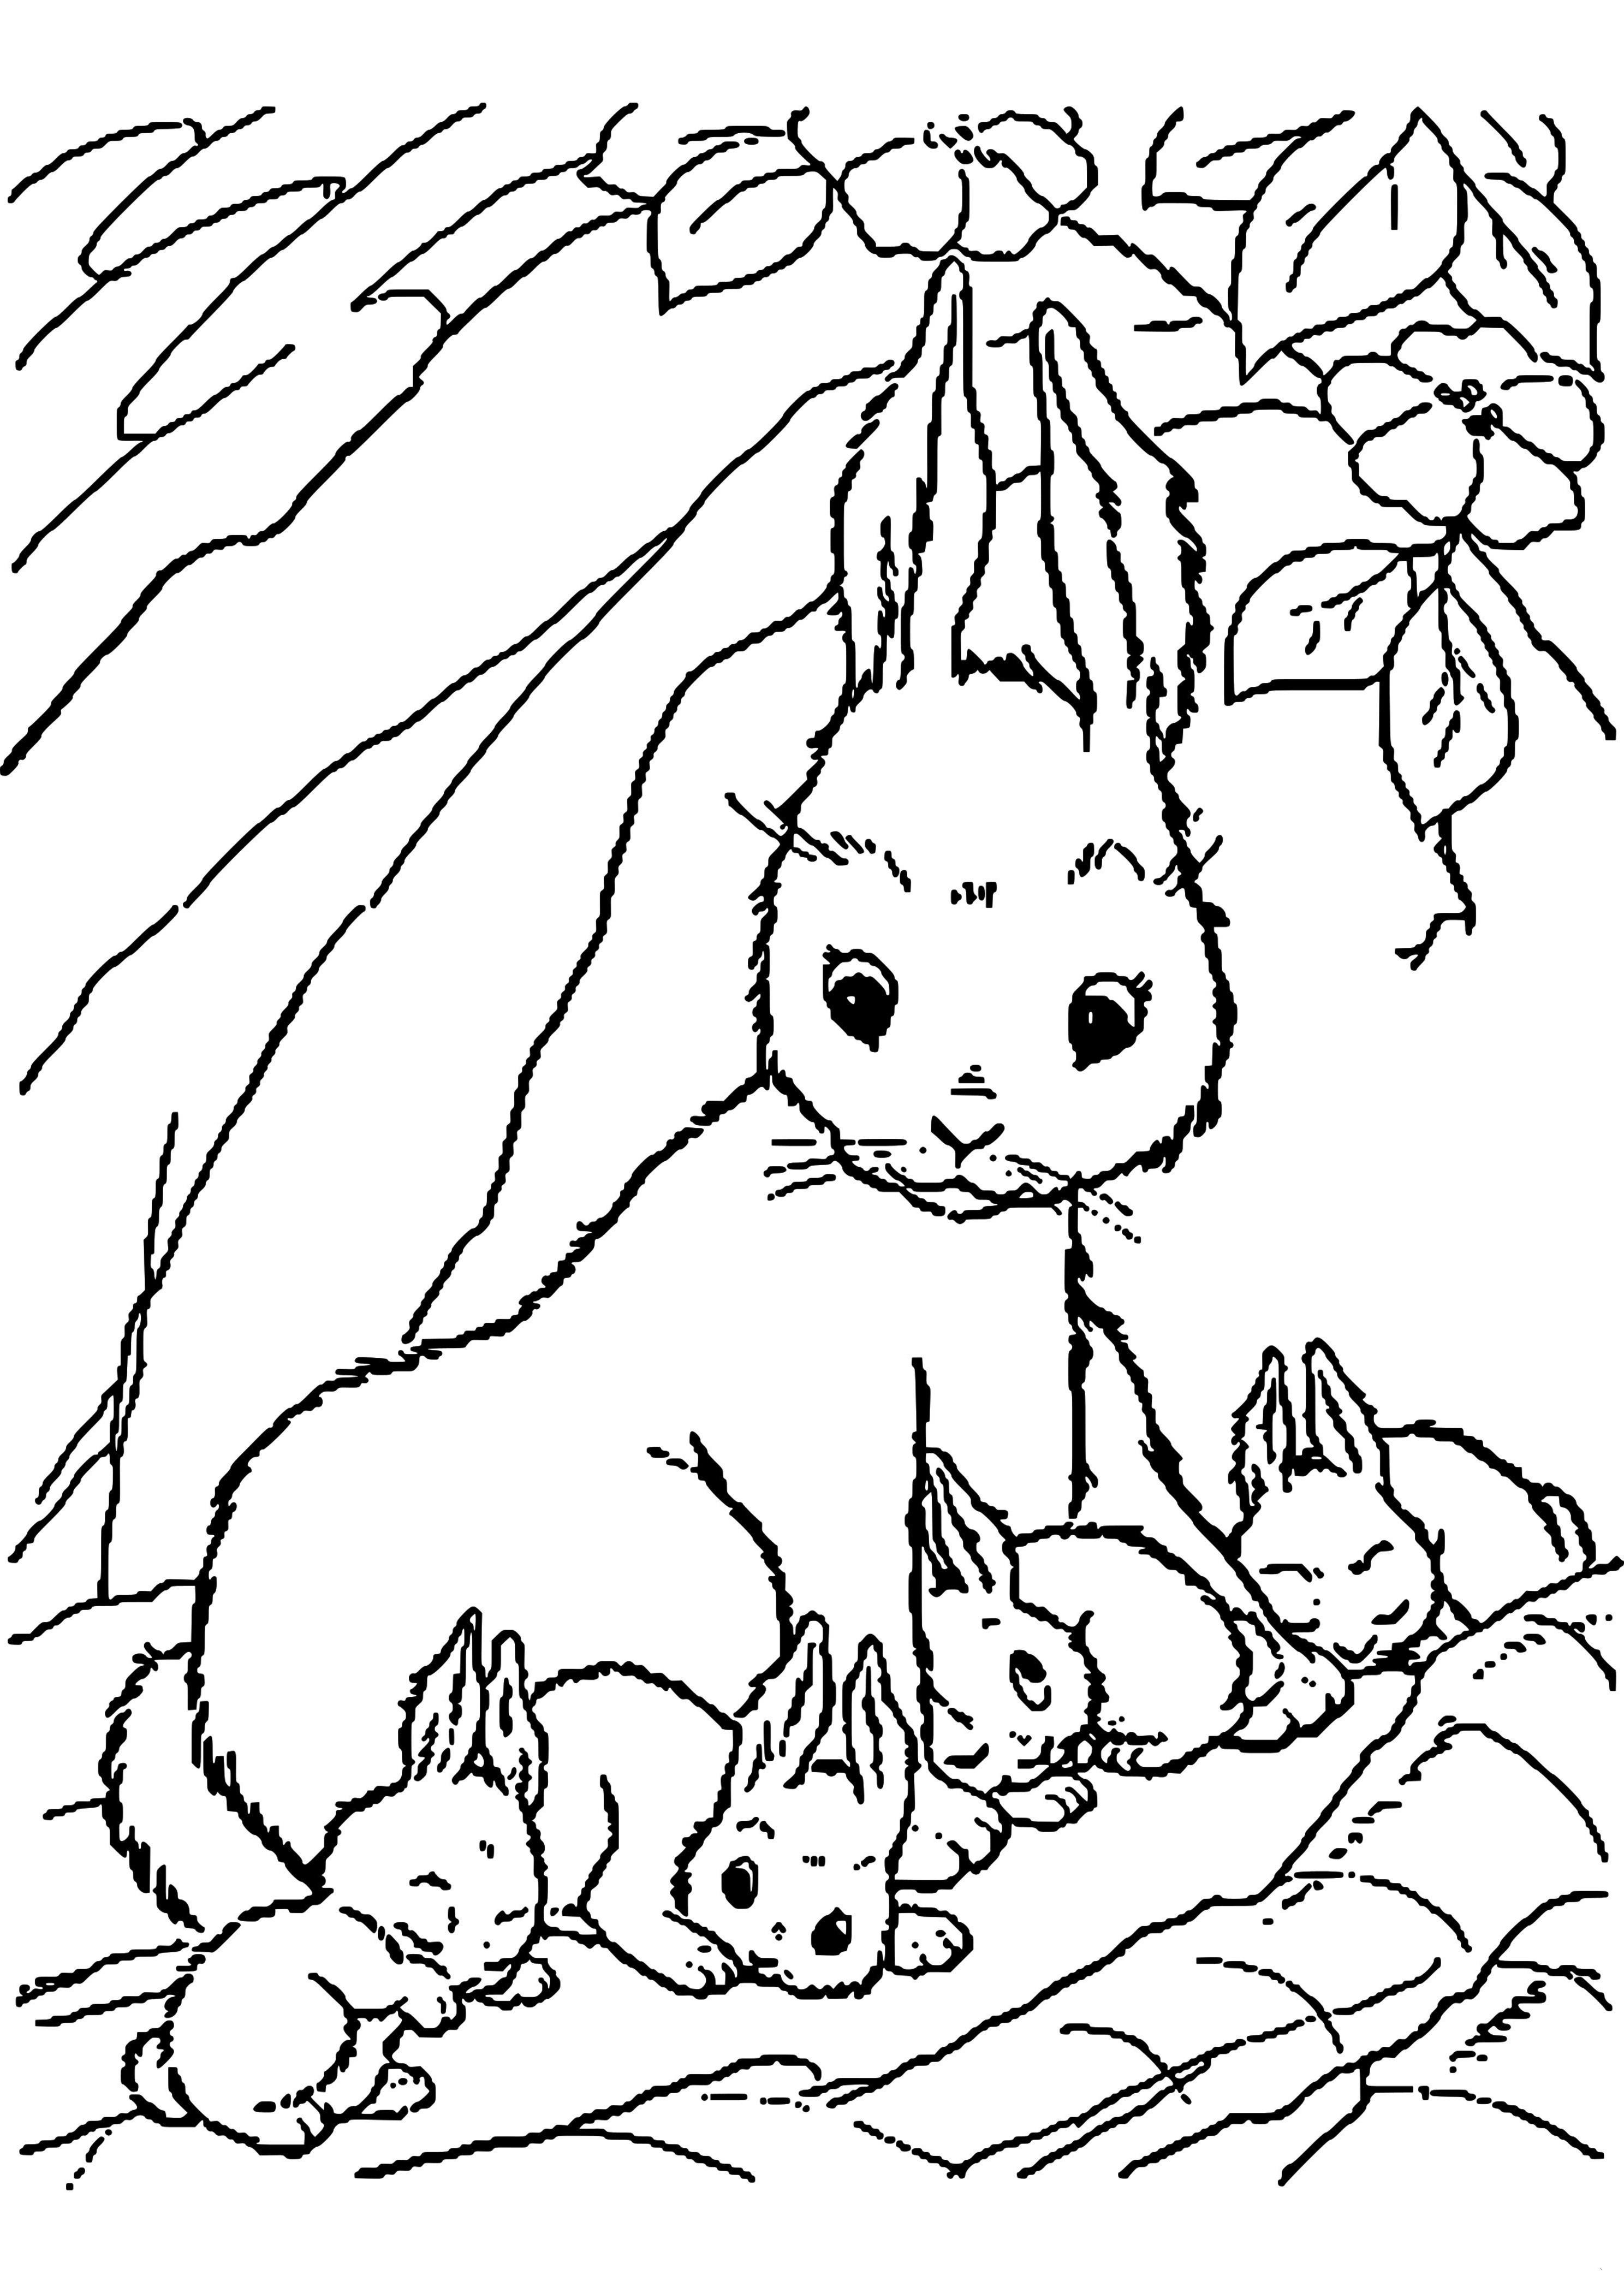 Nashorn Zum Ausmalen Genial 35 Luxus Ausmalbilder Katzenbabys – Malvorlagen Ideen Stock